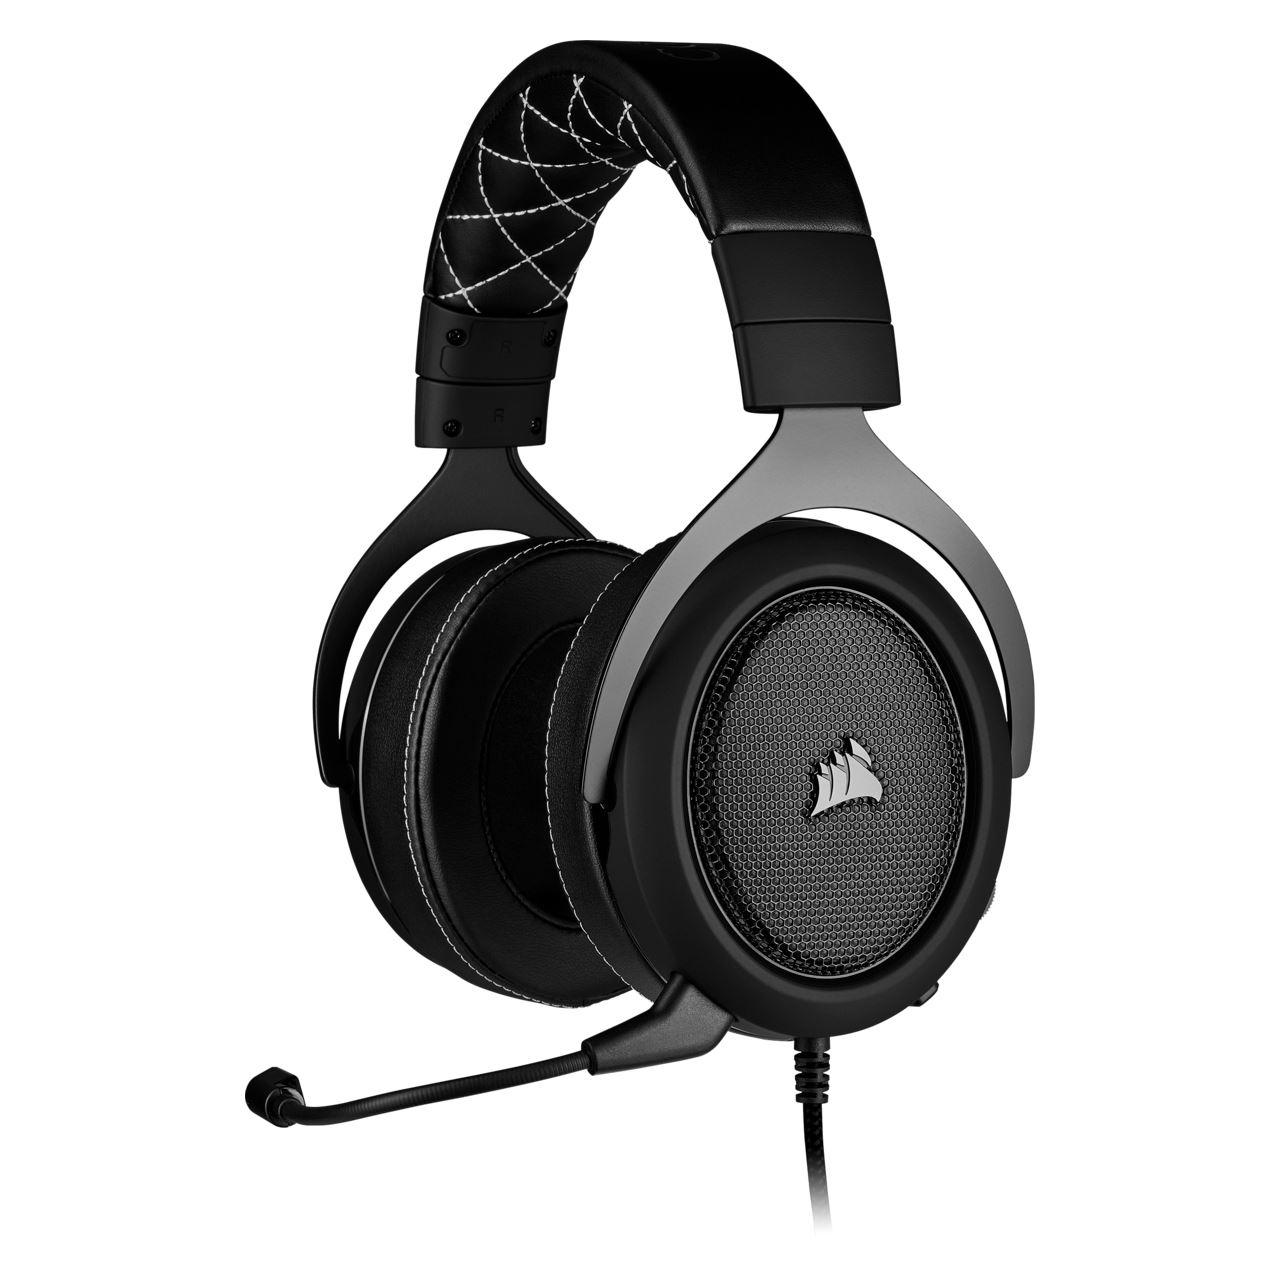 Corsair HS60 Pro Gaming Headset Schwarz Kabelgebunden Kopfhörer Stereo Virtual Surround